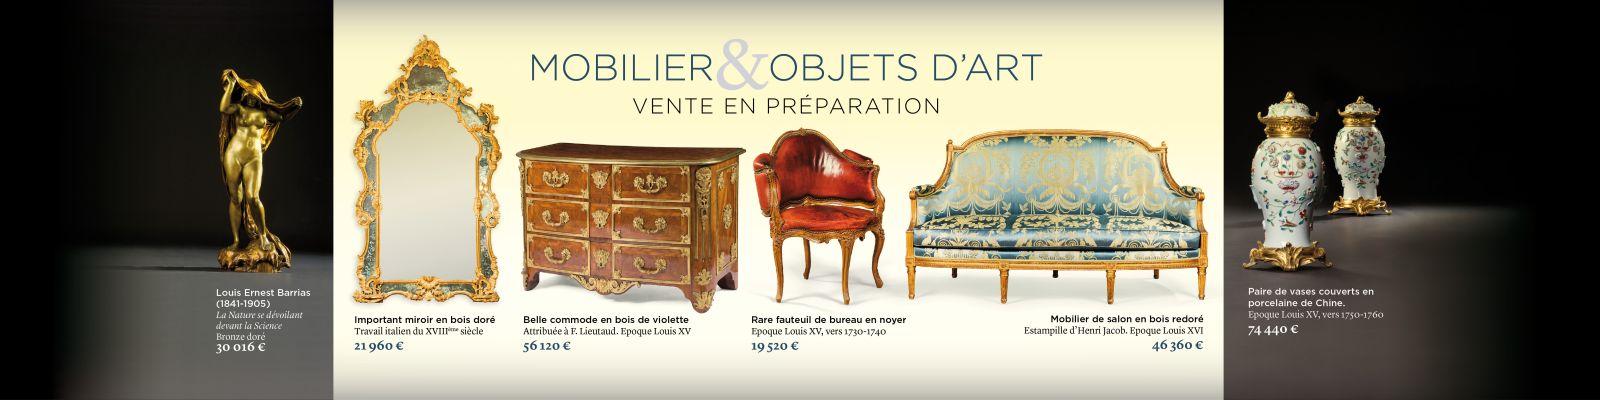 Mobilier objets d'art estimation vente aux enchères